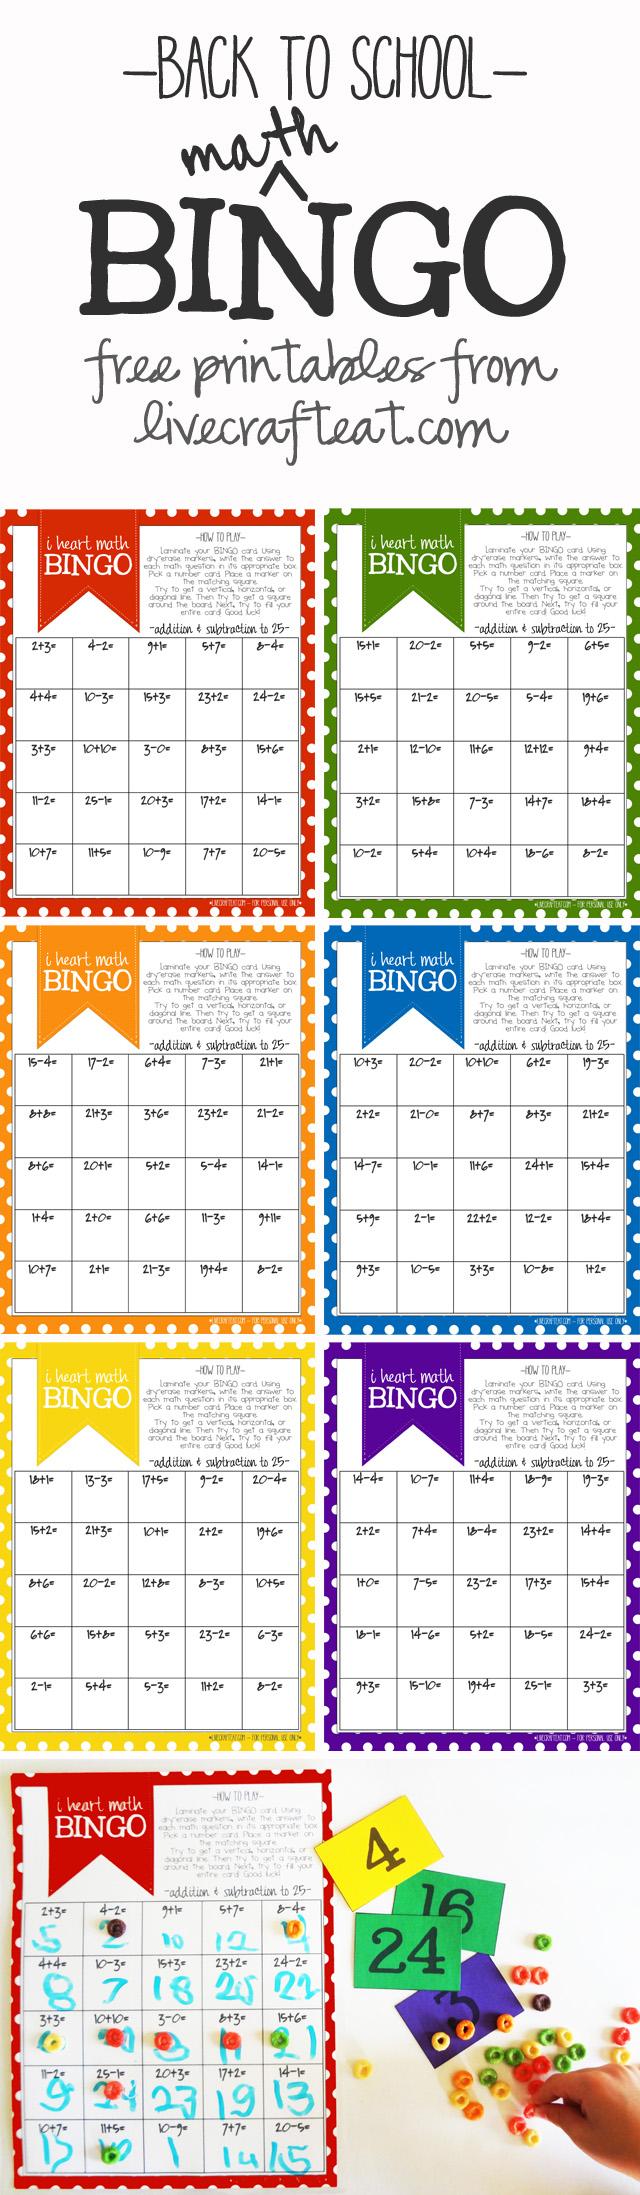 Math Bingo Printable For Kids - Free | Printable bingo cards, Math ...